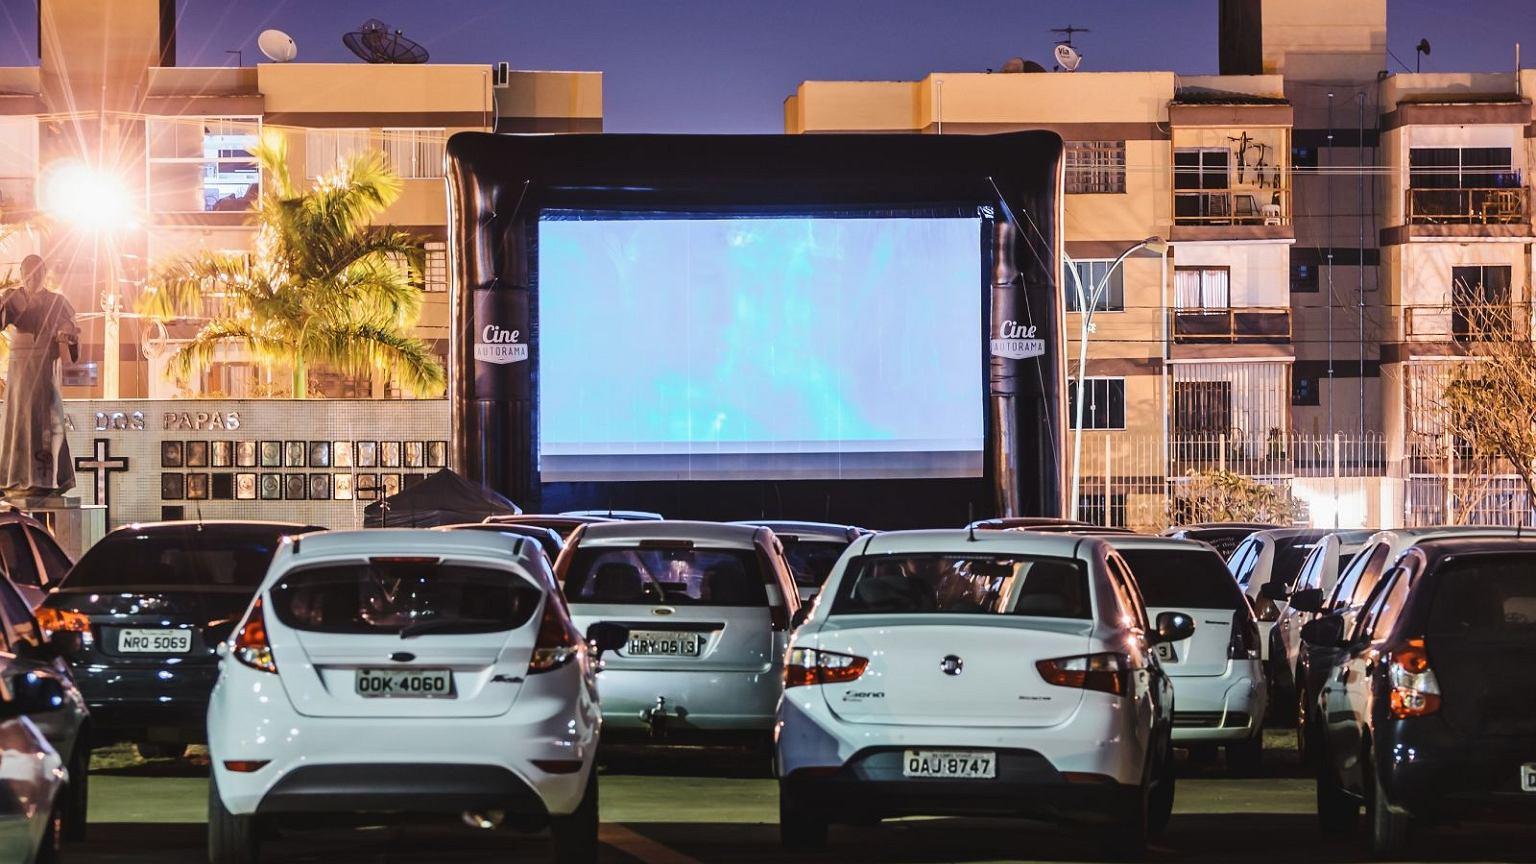 Kino samochodowe na Campo Grande w Brazylii. Wraz z pandemią koronawirusa moda na zapomnianą amerykańską rozrywkę opanowała cały świat